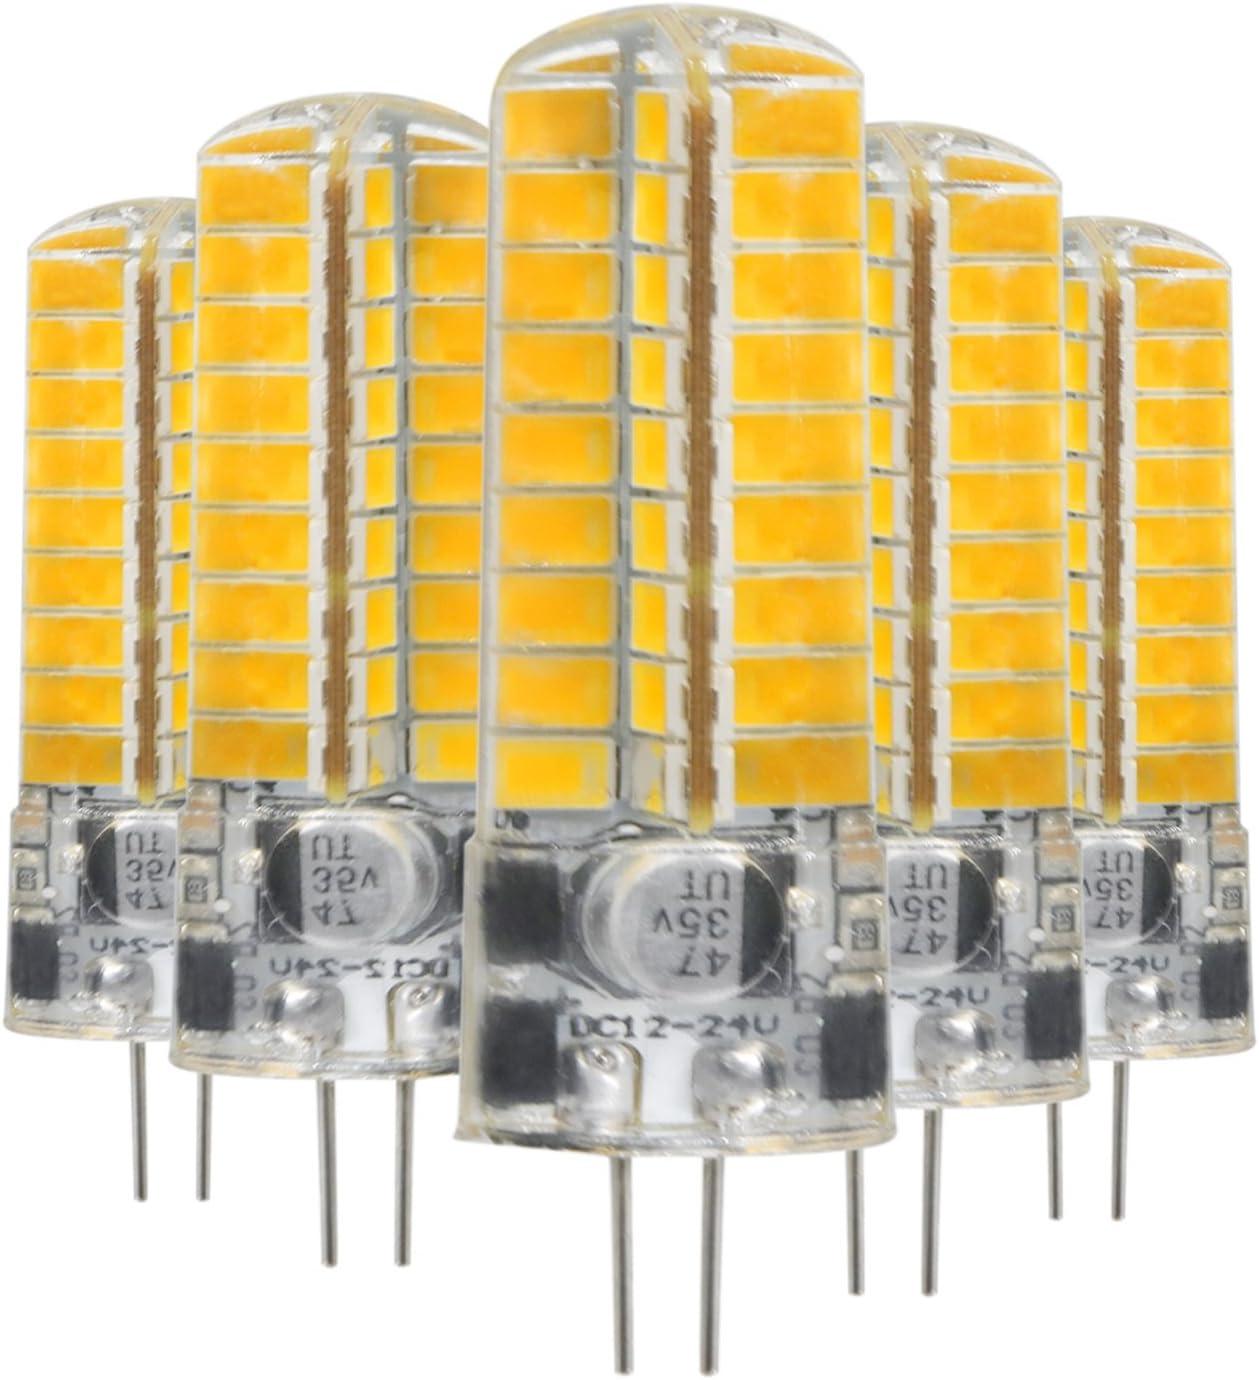 Bombilla LED, Lámpara de bombilla LED G4 5W 72LED 5730 SMD 400-500 Lm Blanco frío Blanco cálido LED Bi-Pin Lights AC/DC 12-24 V (5 PCS) Larga vida útil (Size : Cold White)